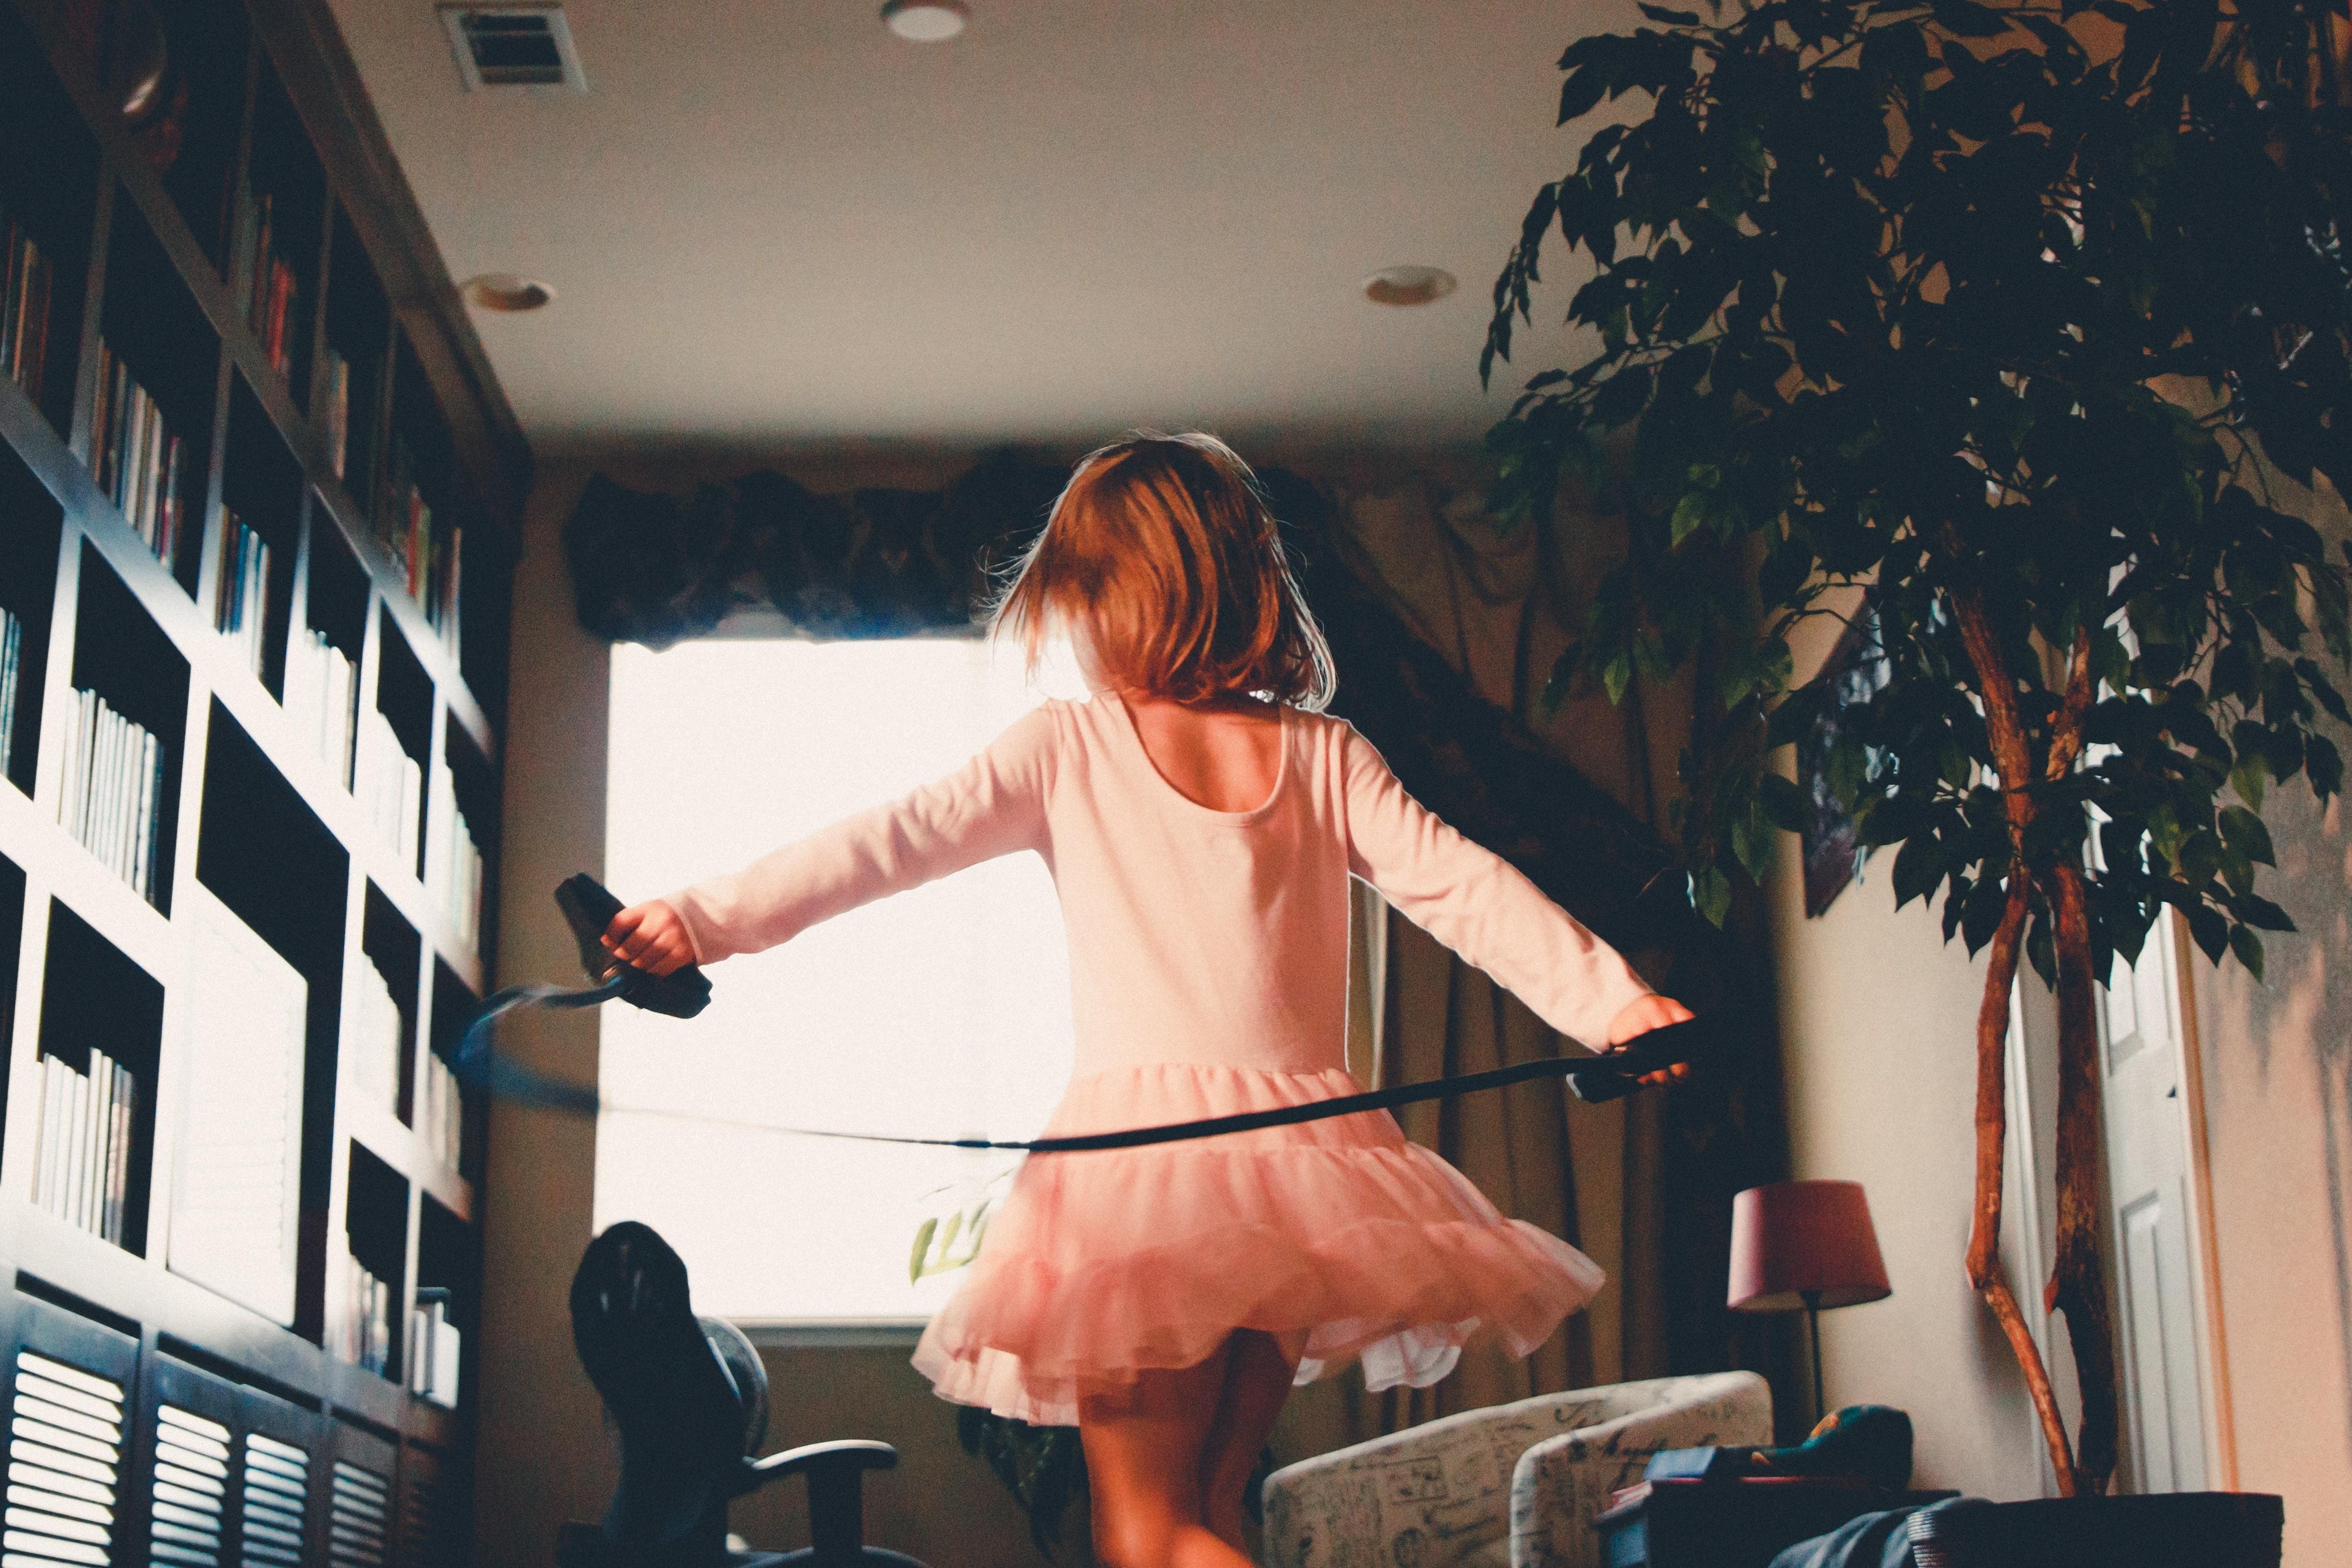 3 важных вопроса, которые нужно задать ребенку перед тем, как наказать